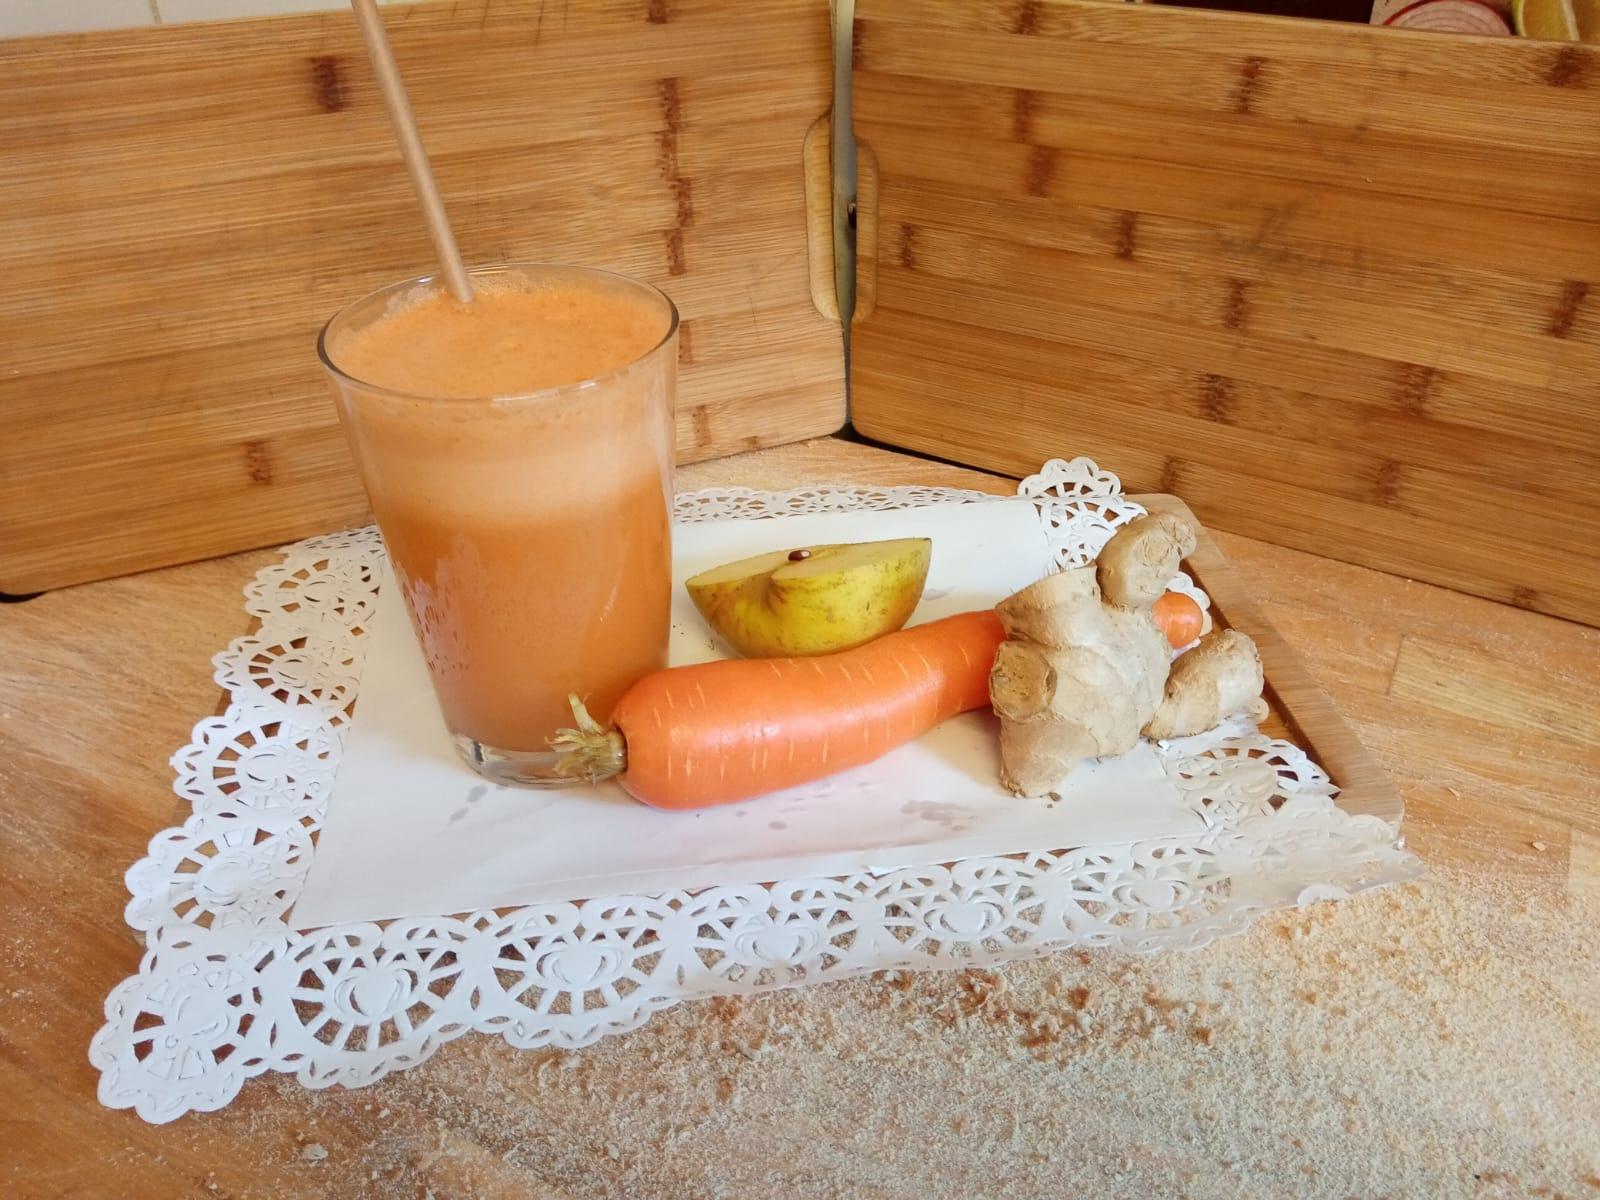 Zumo de manzana, zanahoria y gengibre